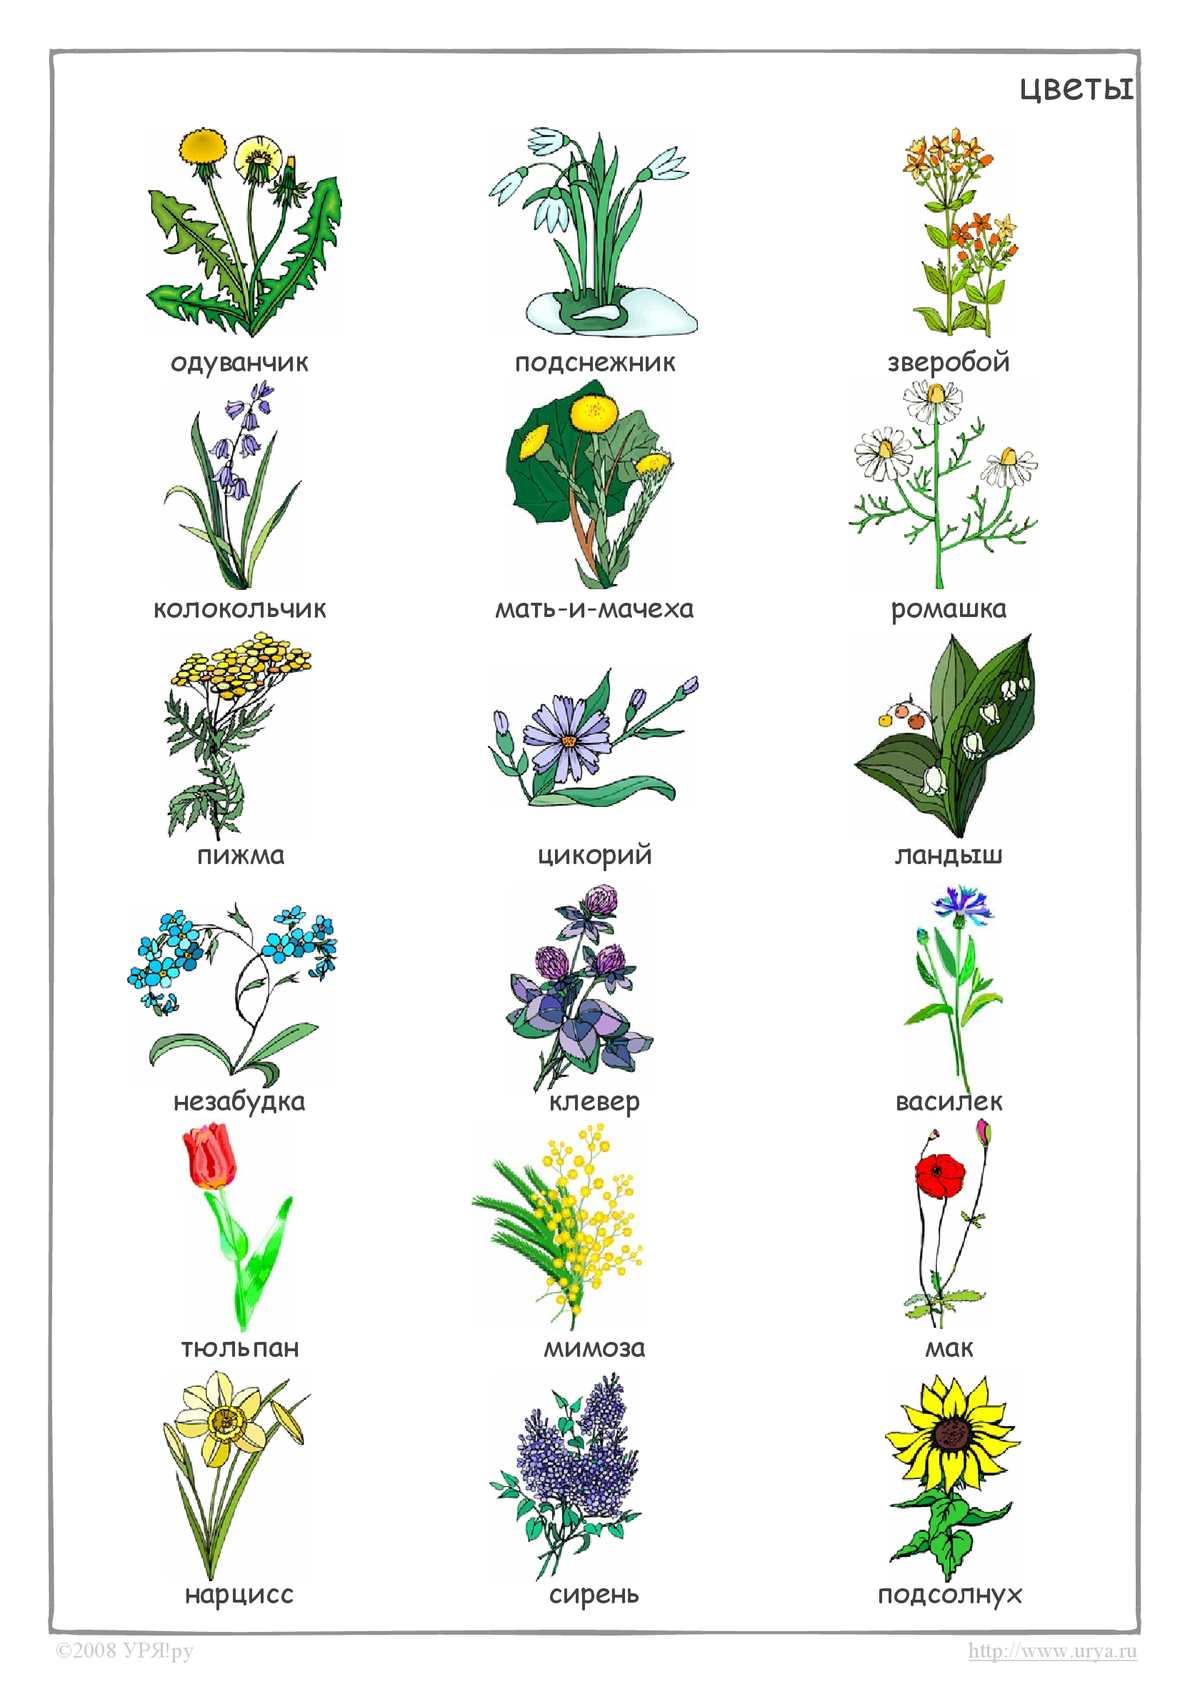 перечень цветов с картинками собраны